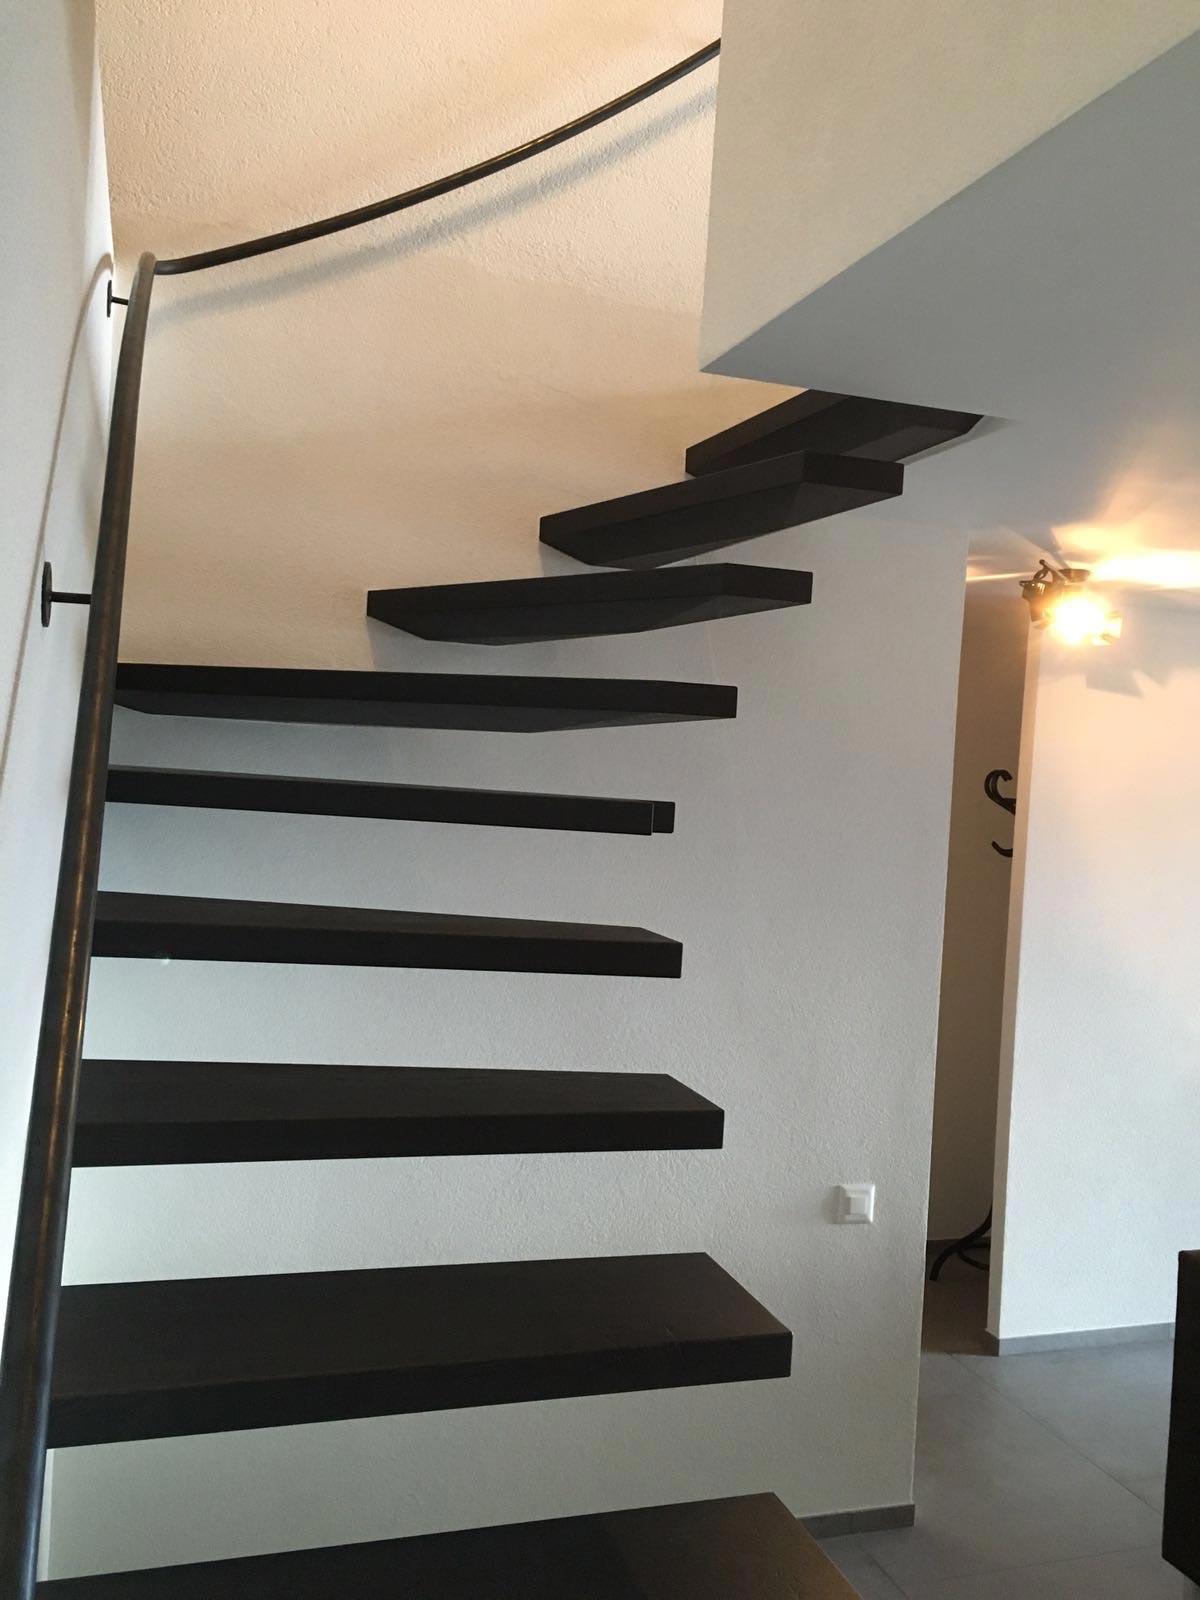 ES Anz 6119 escalier vtc 20 05 002 - Escaliers en apesanteurs